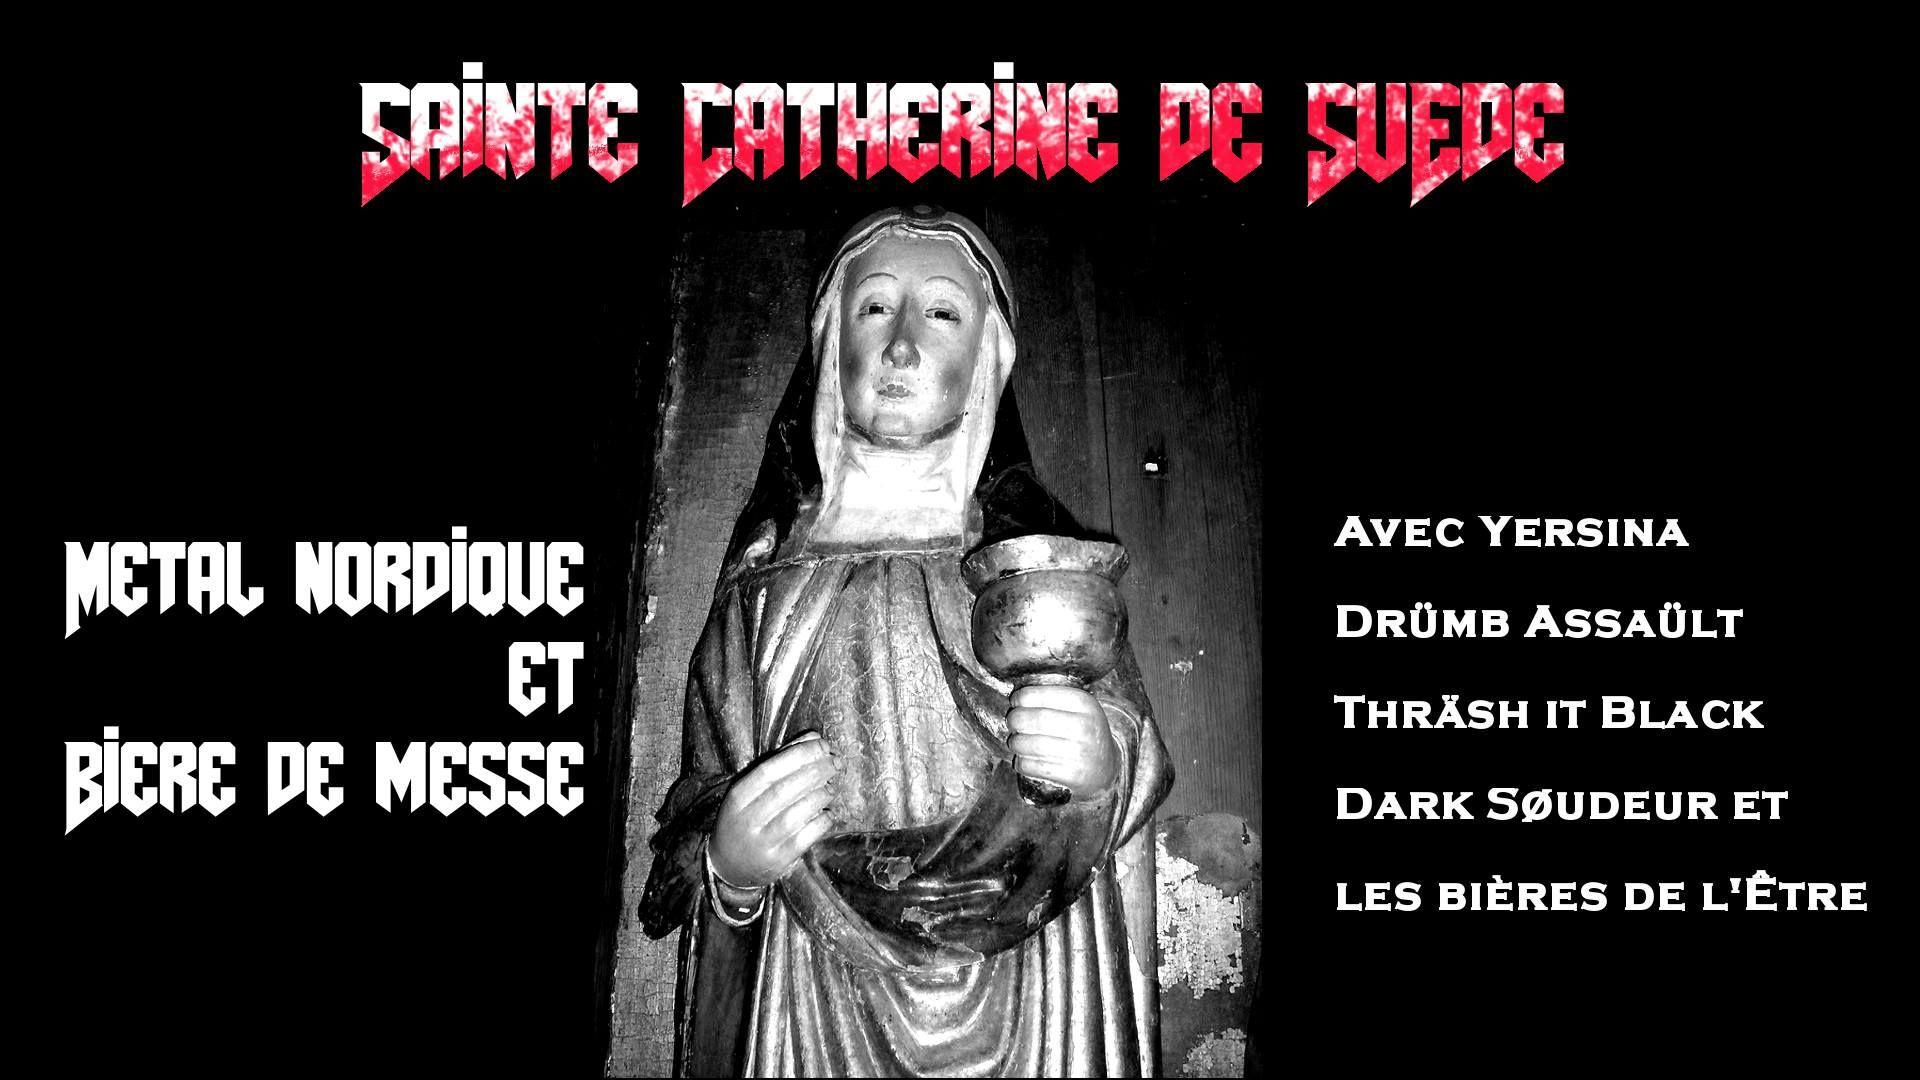 Paris Food & Drink Events: Sainte Catherine de Suède